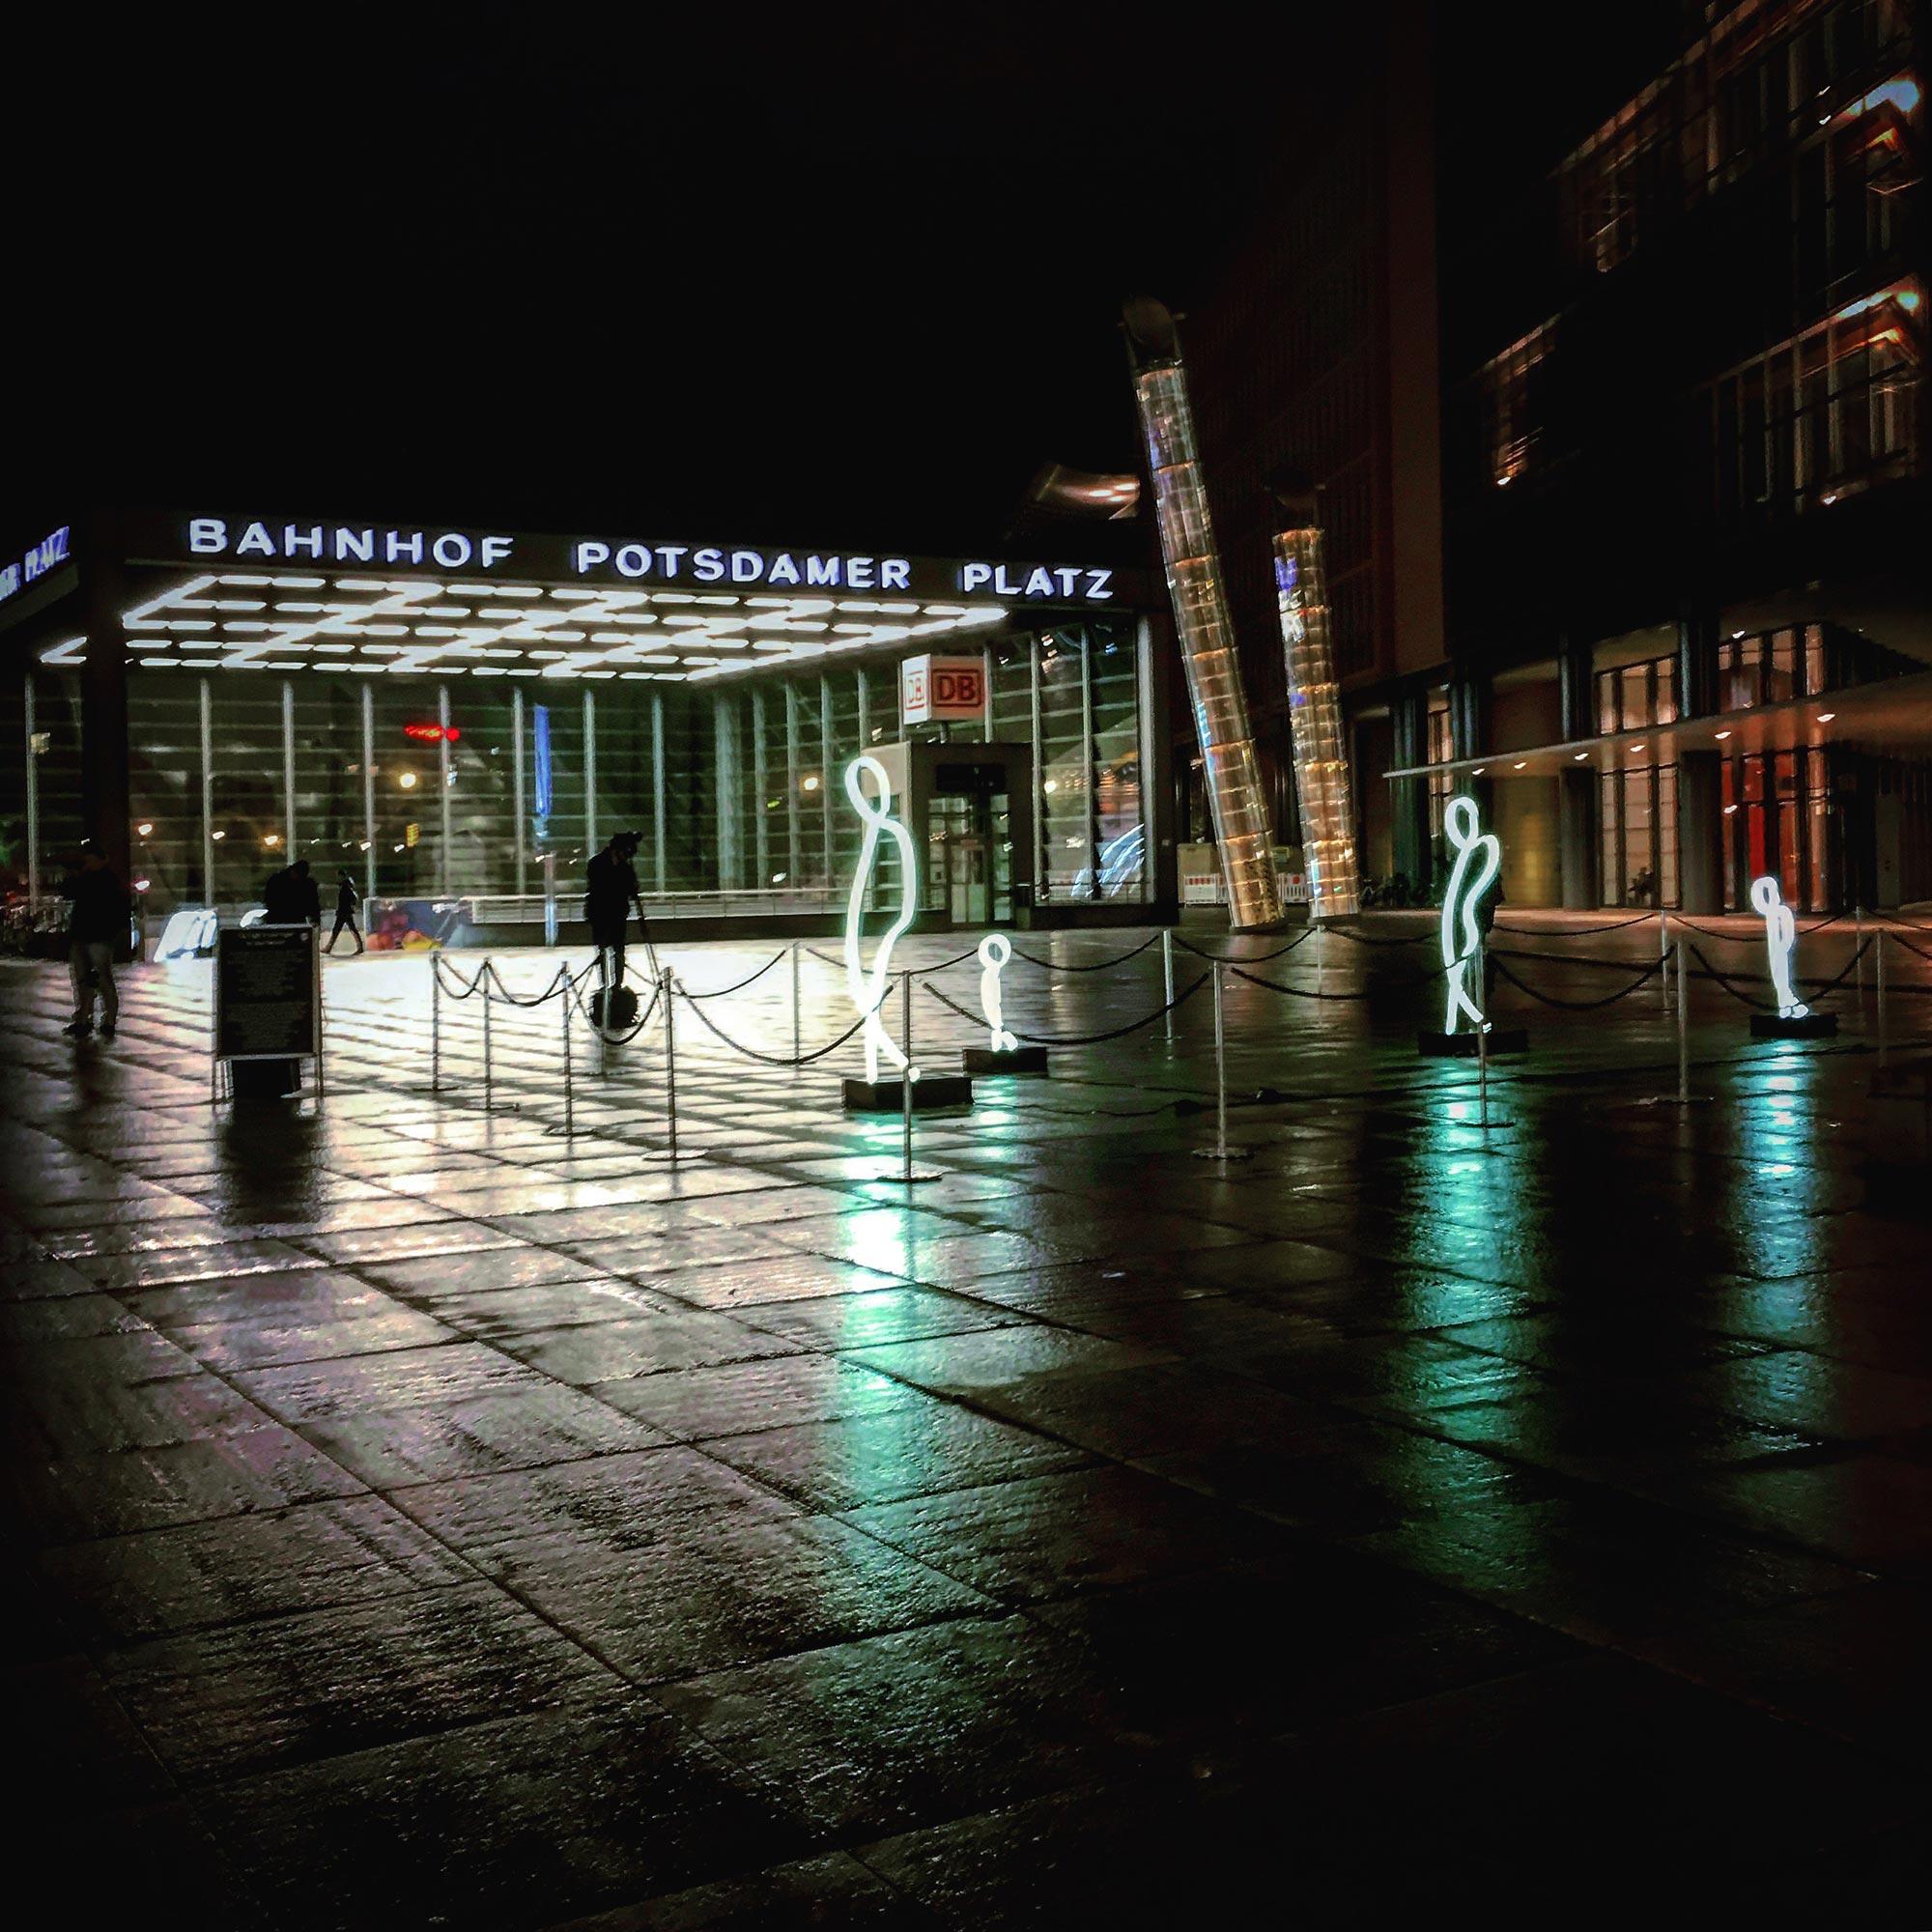 Festival of Lights Potsdamer Platz